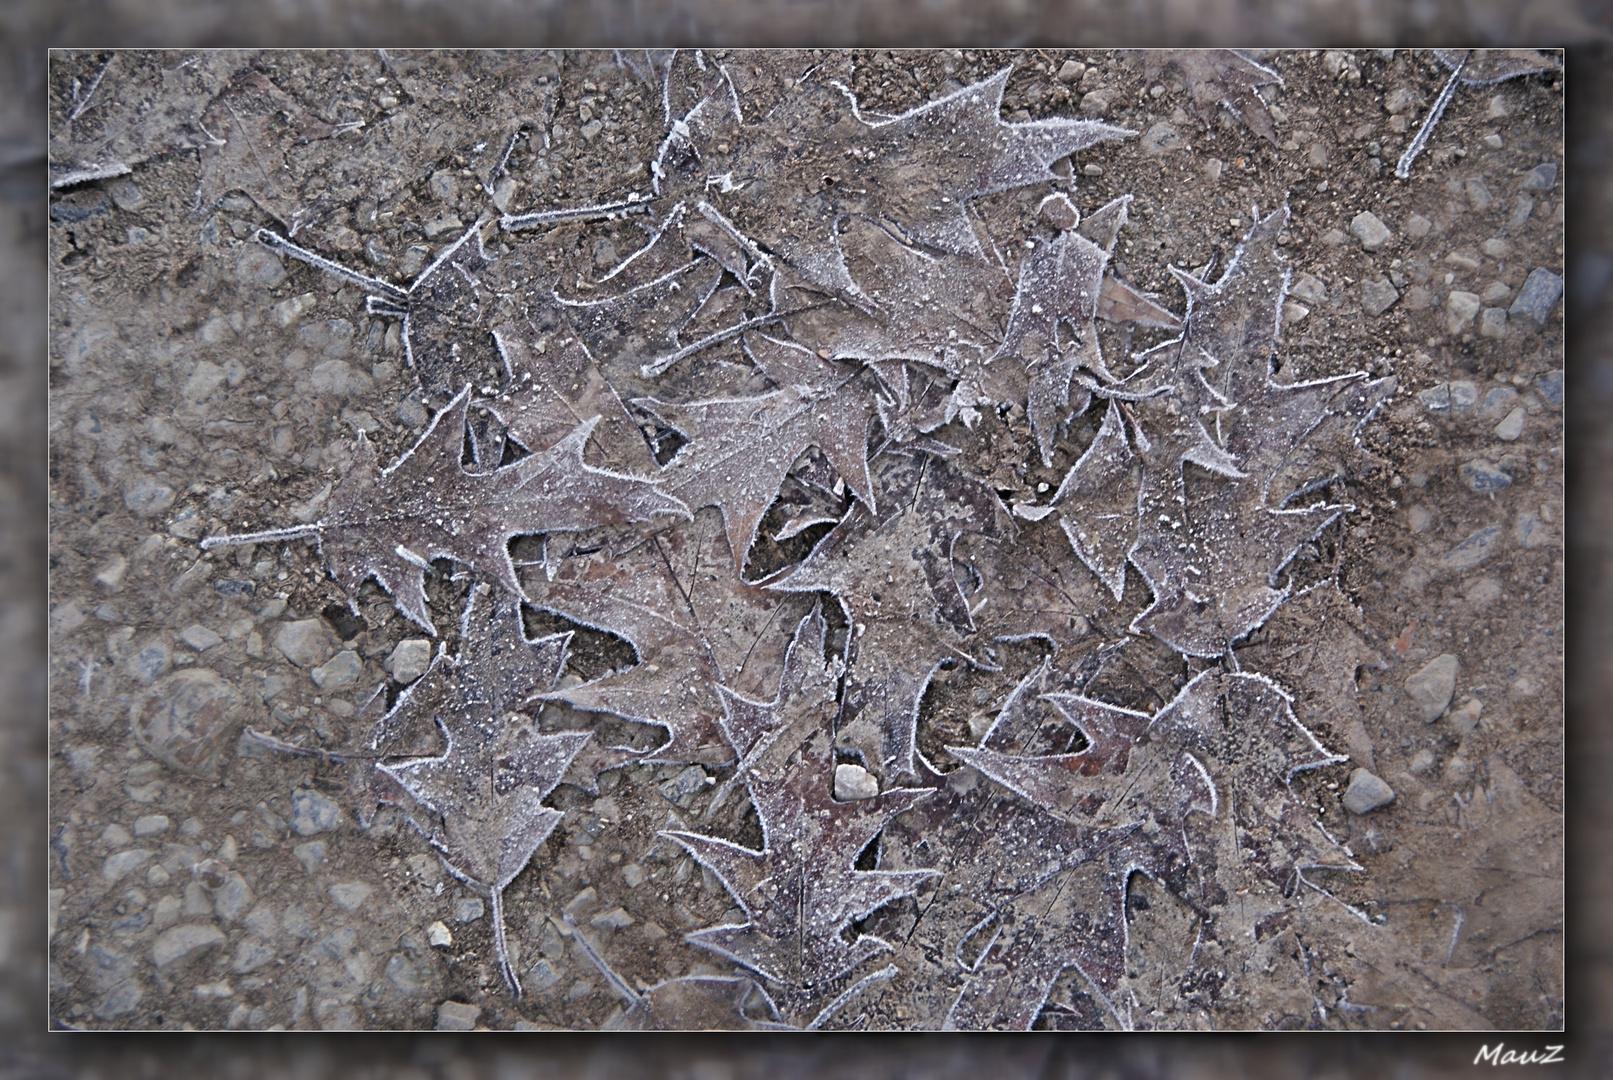 ... Like dead leaves....